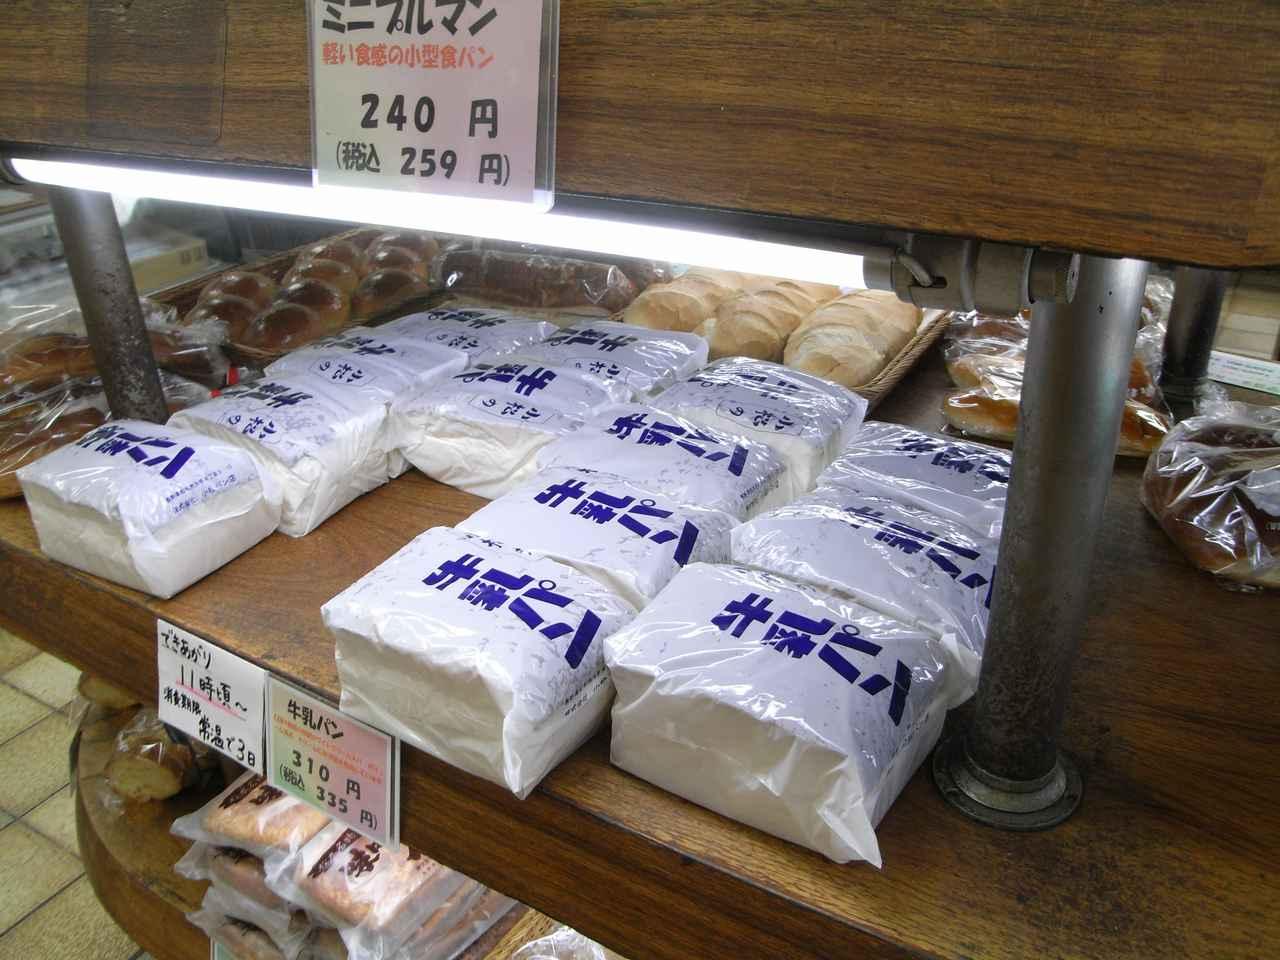 画像: 現地に行かないと合えないパンがある。 酒井さんが提案する初心者向けローカルパン7選